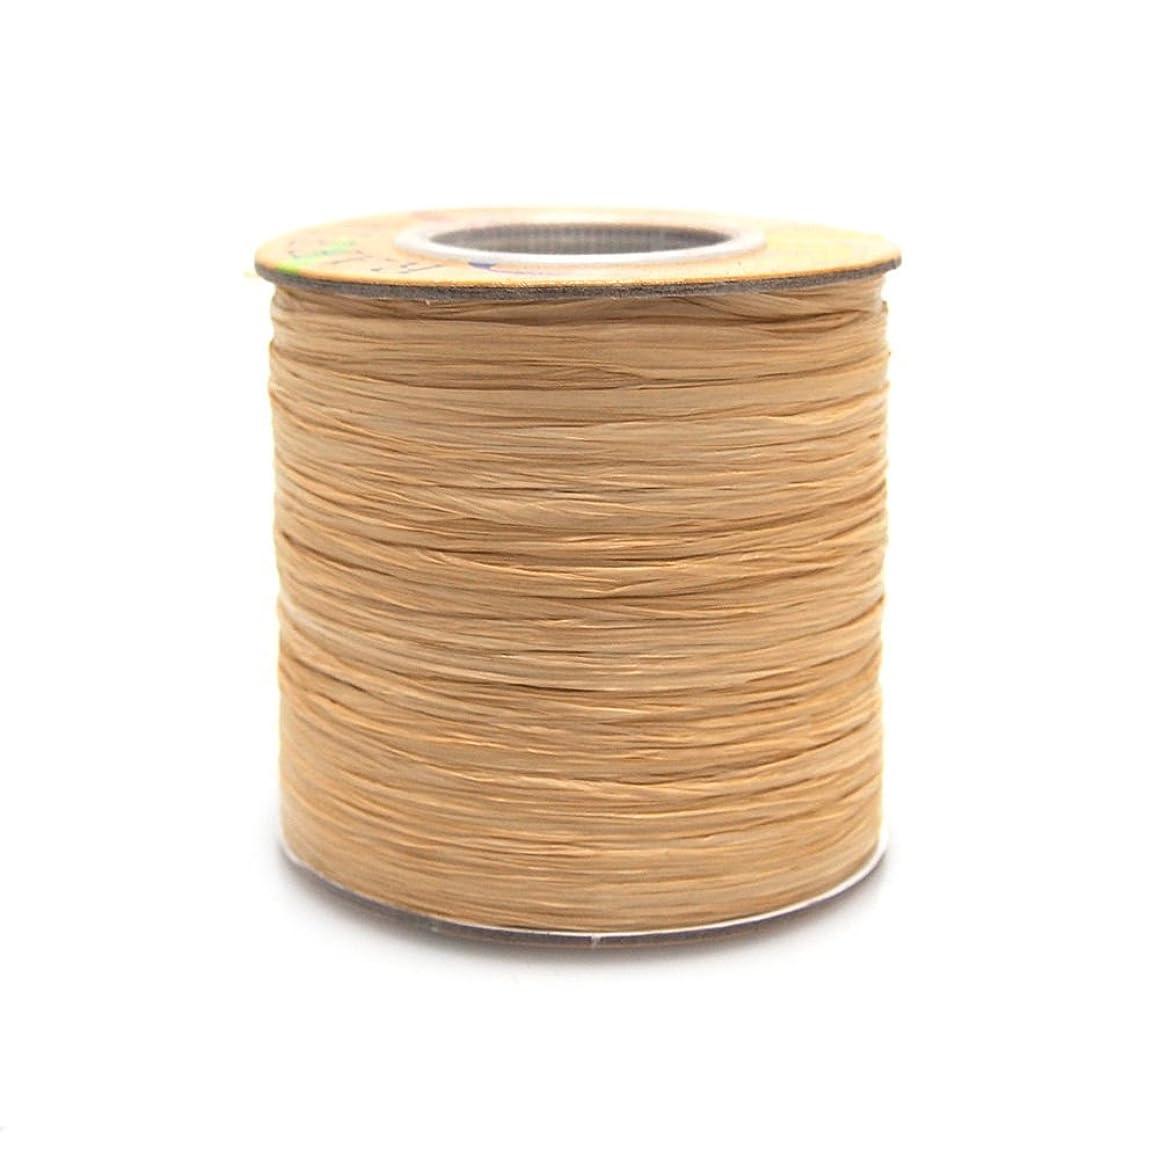 Homeford FHV0000000057102 Matte Raffia Ribbon, 1/4-Inch, Natural